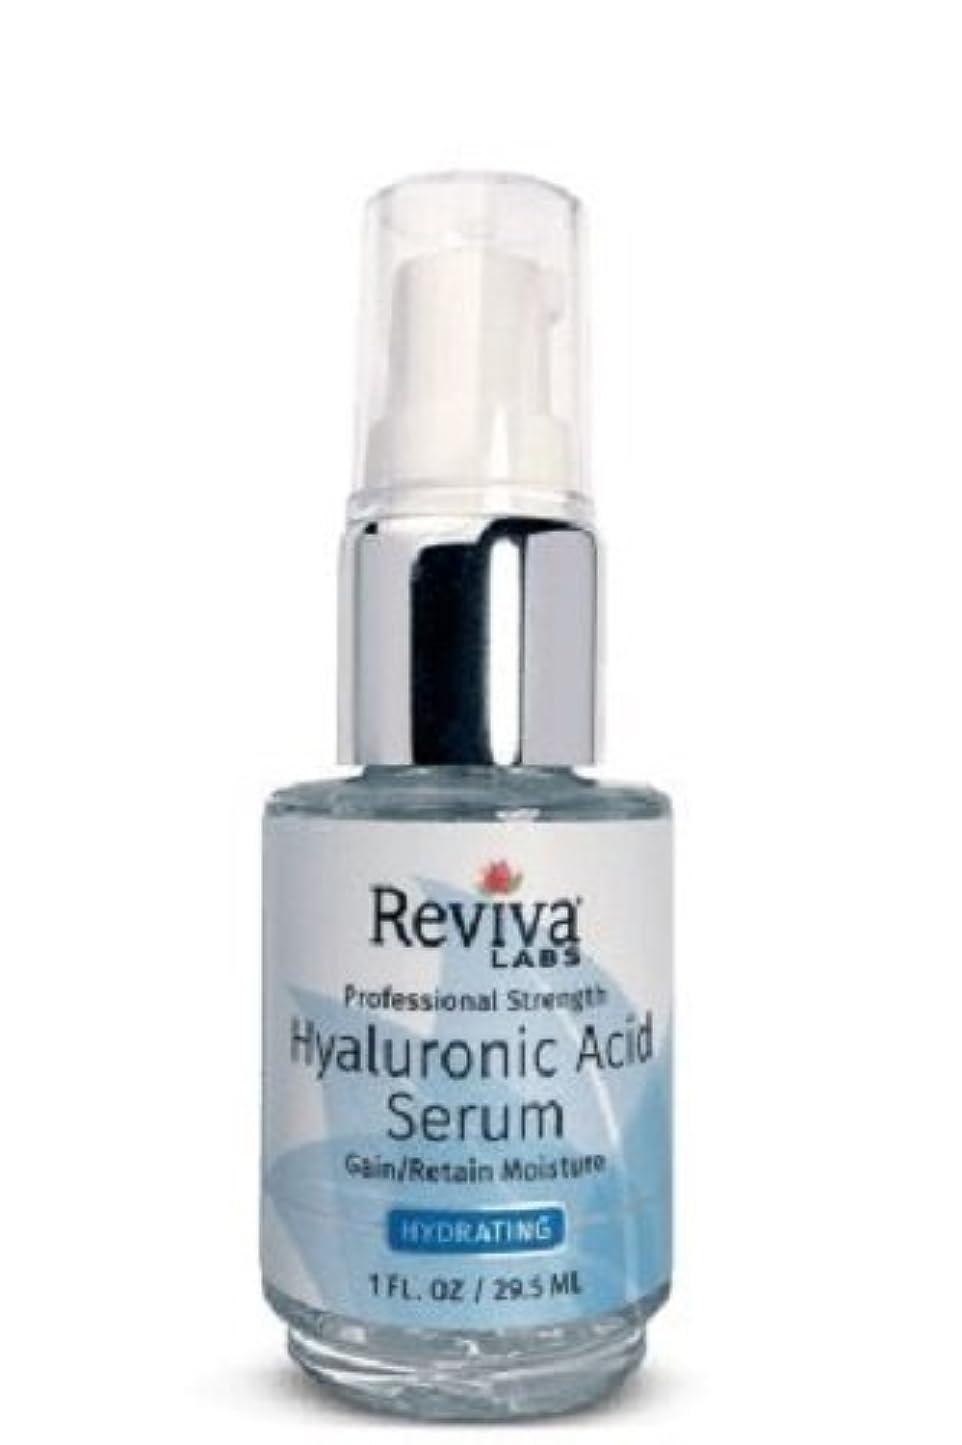 援助財産鳥Reviva Labs, Professional Strength Hyaluronic Acid Serum, 1 fl oz (29.5 ml)